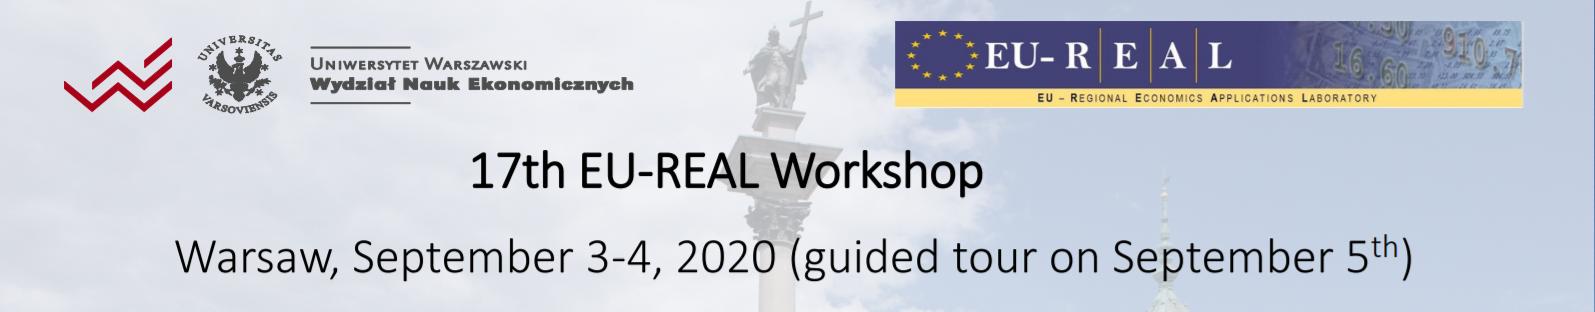 17th EU-REAL Meeting 2020